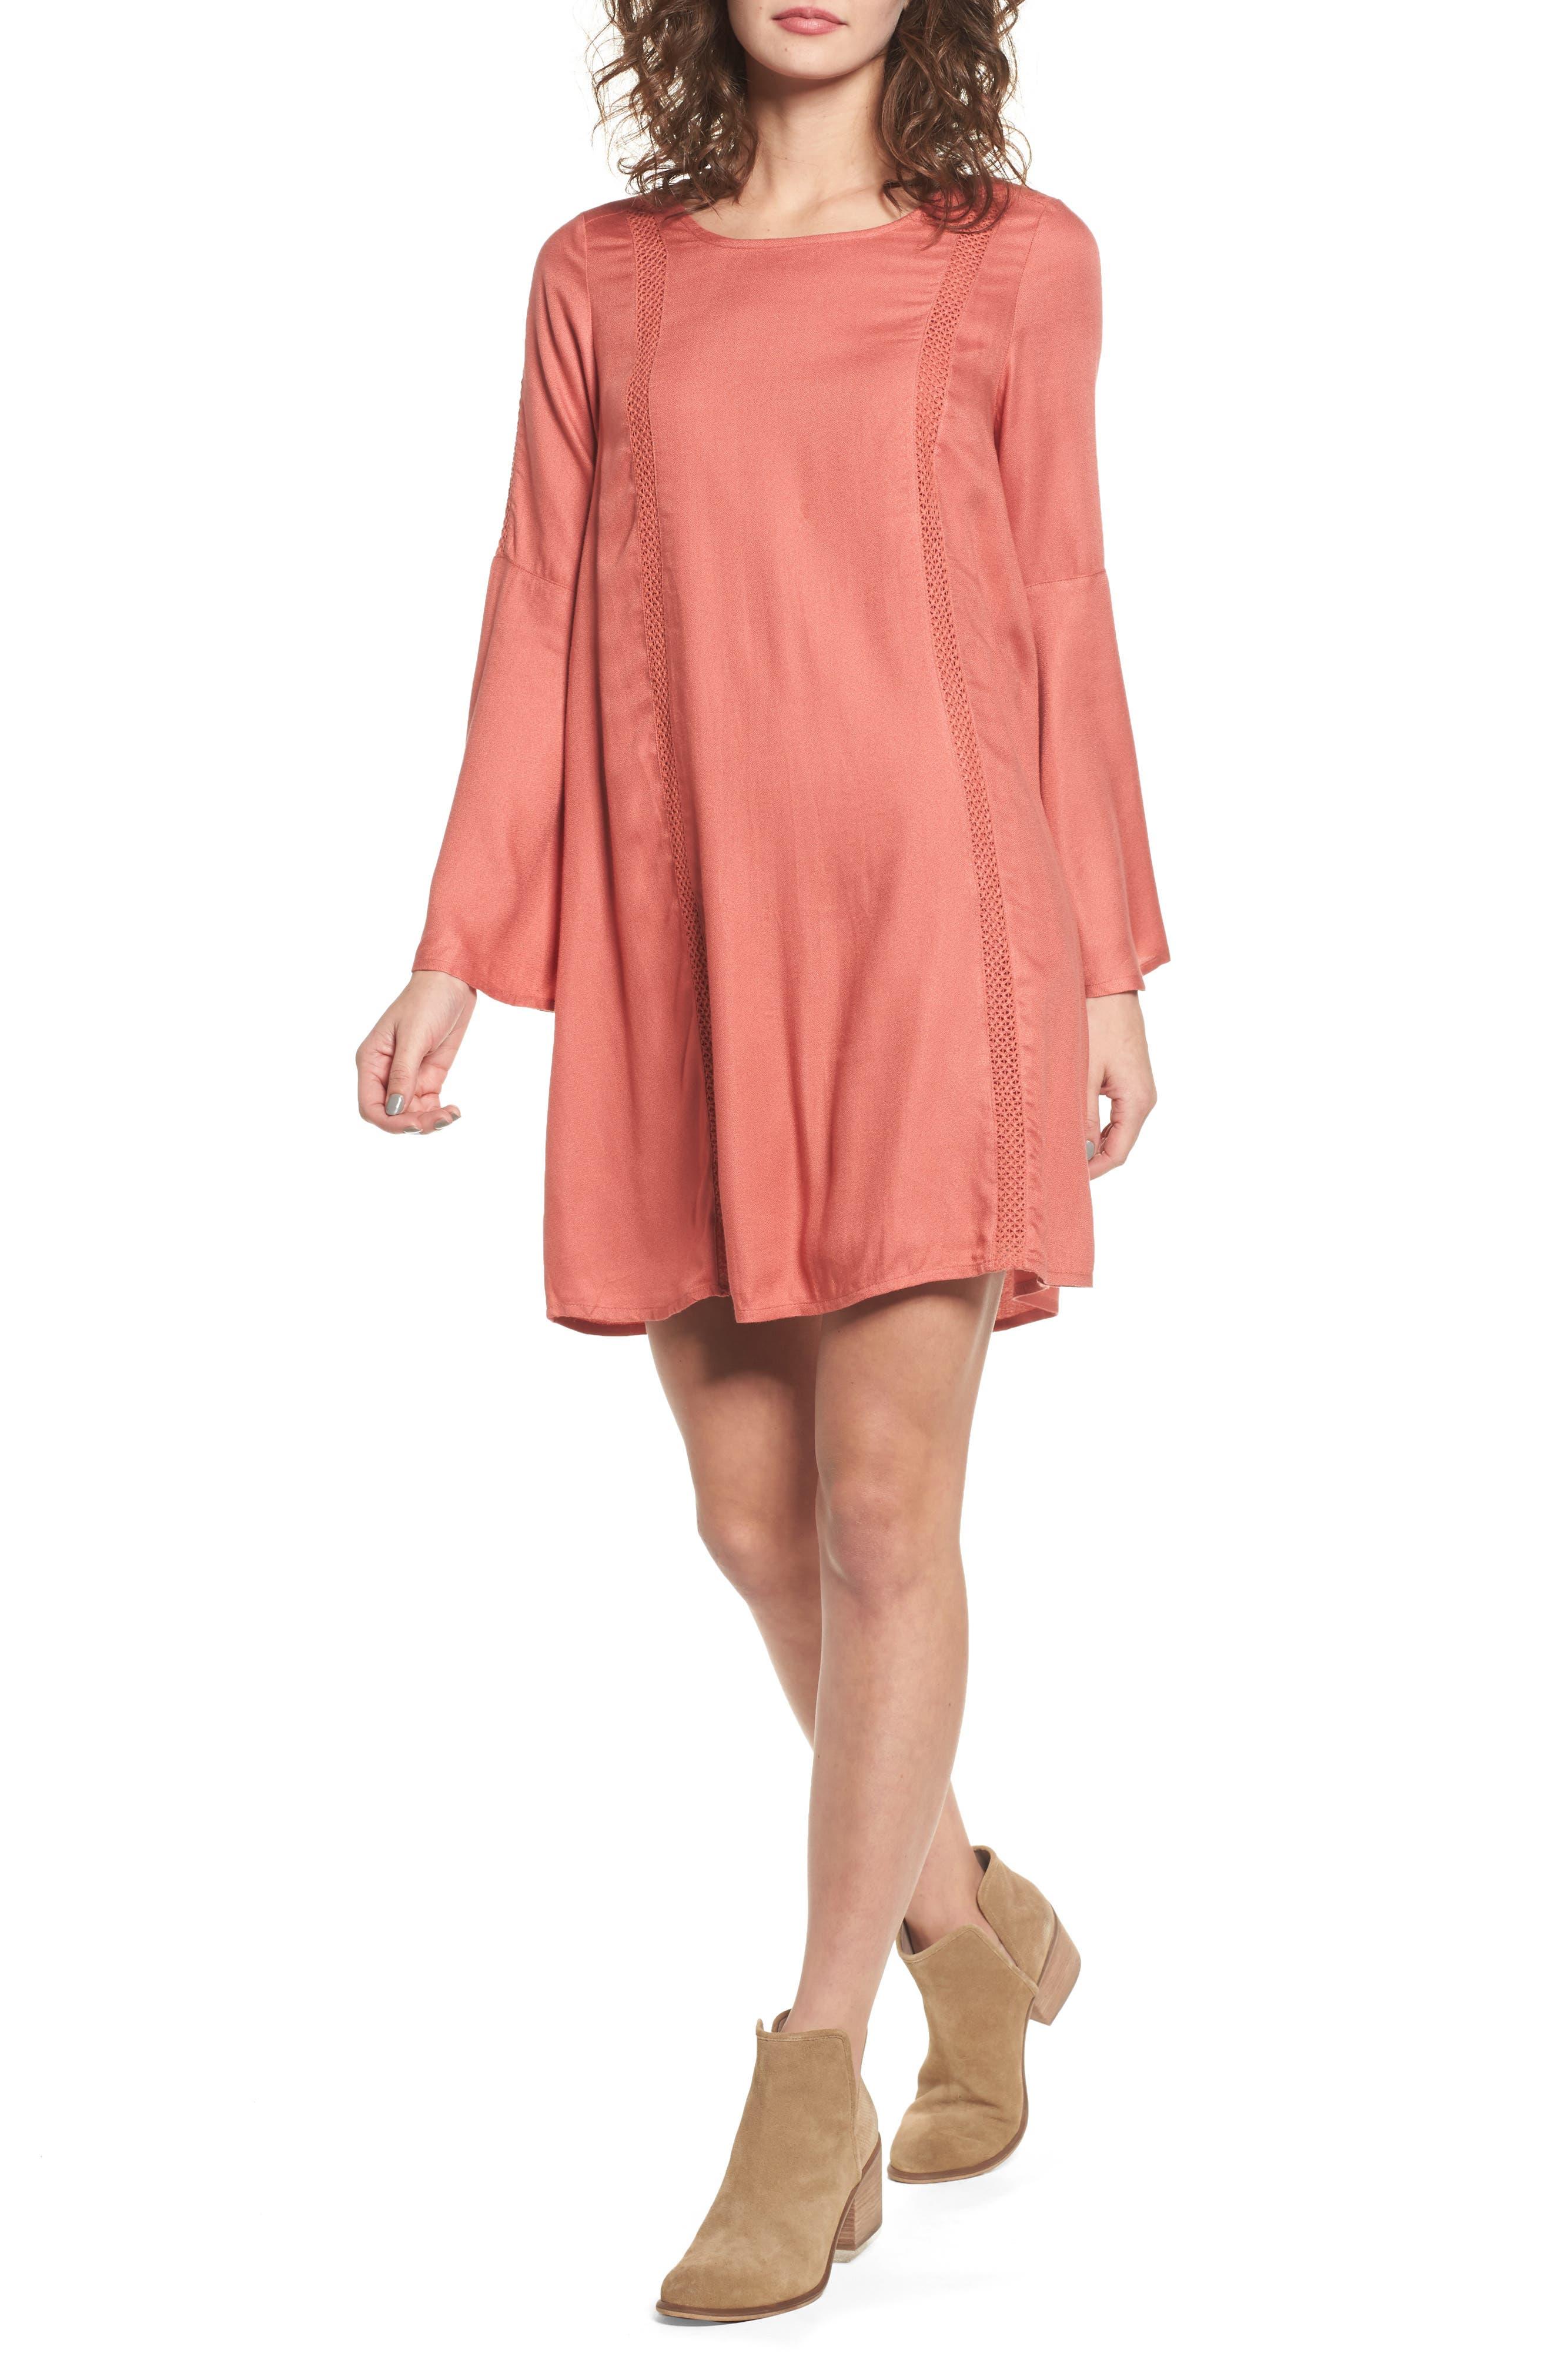 East Coast Dreamer Dress,                             Main thumbnail 2, color,